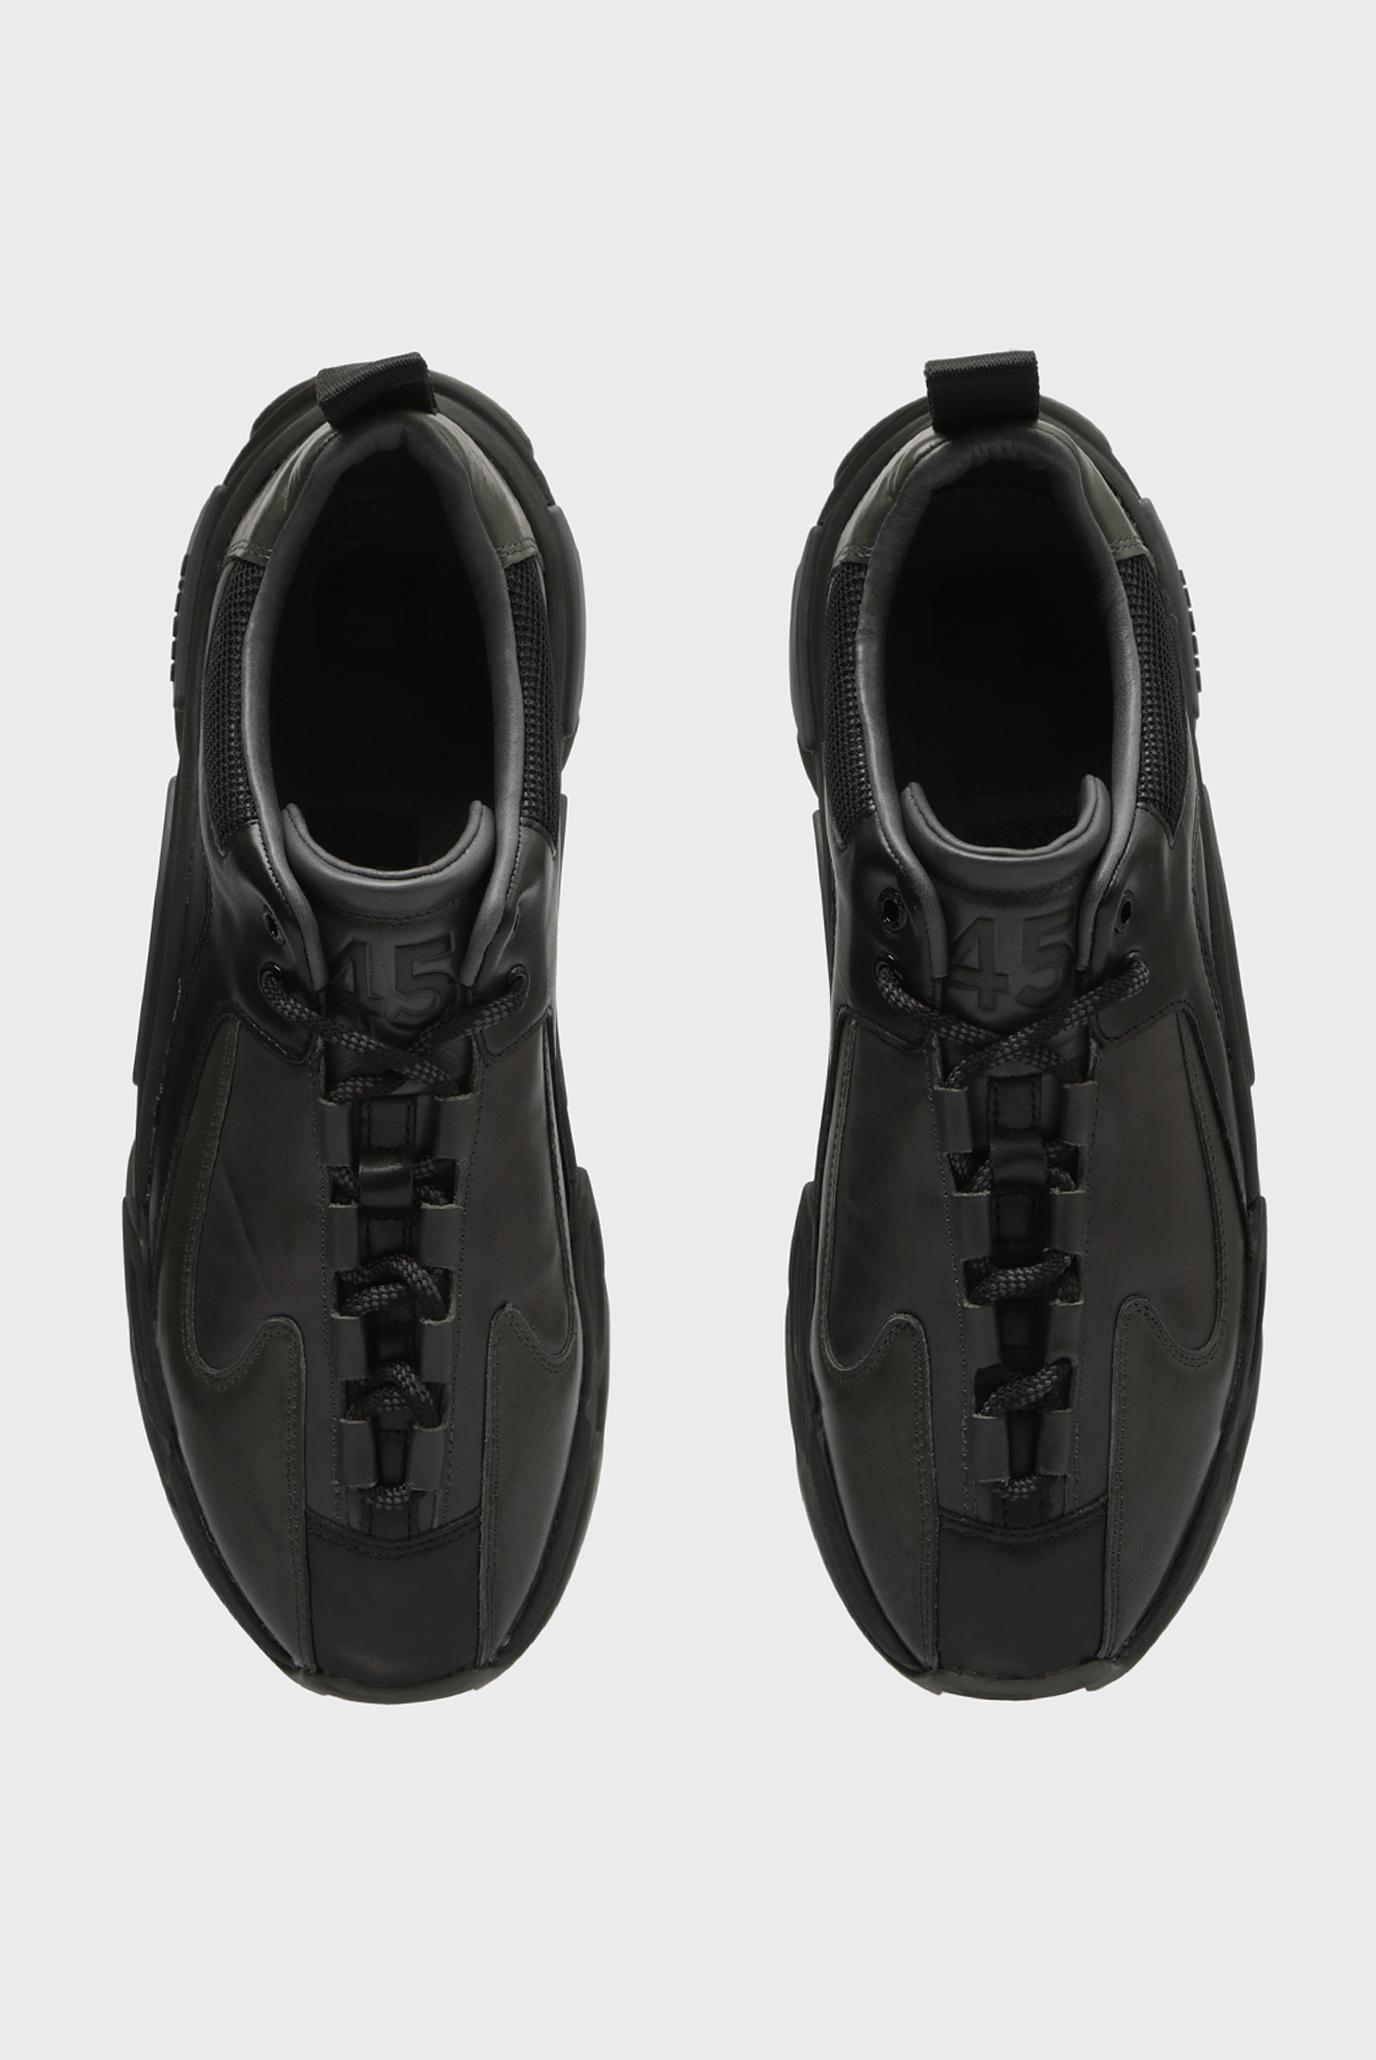 Купить Мужские черные кожаные кроссовки SKIPPER Diesel Diesel Y01826 PR013 – Киев, Украина. Цены в интернет магазине MD Fashion